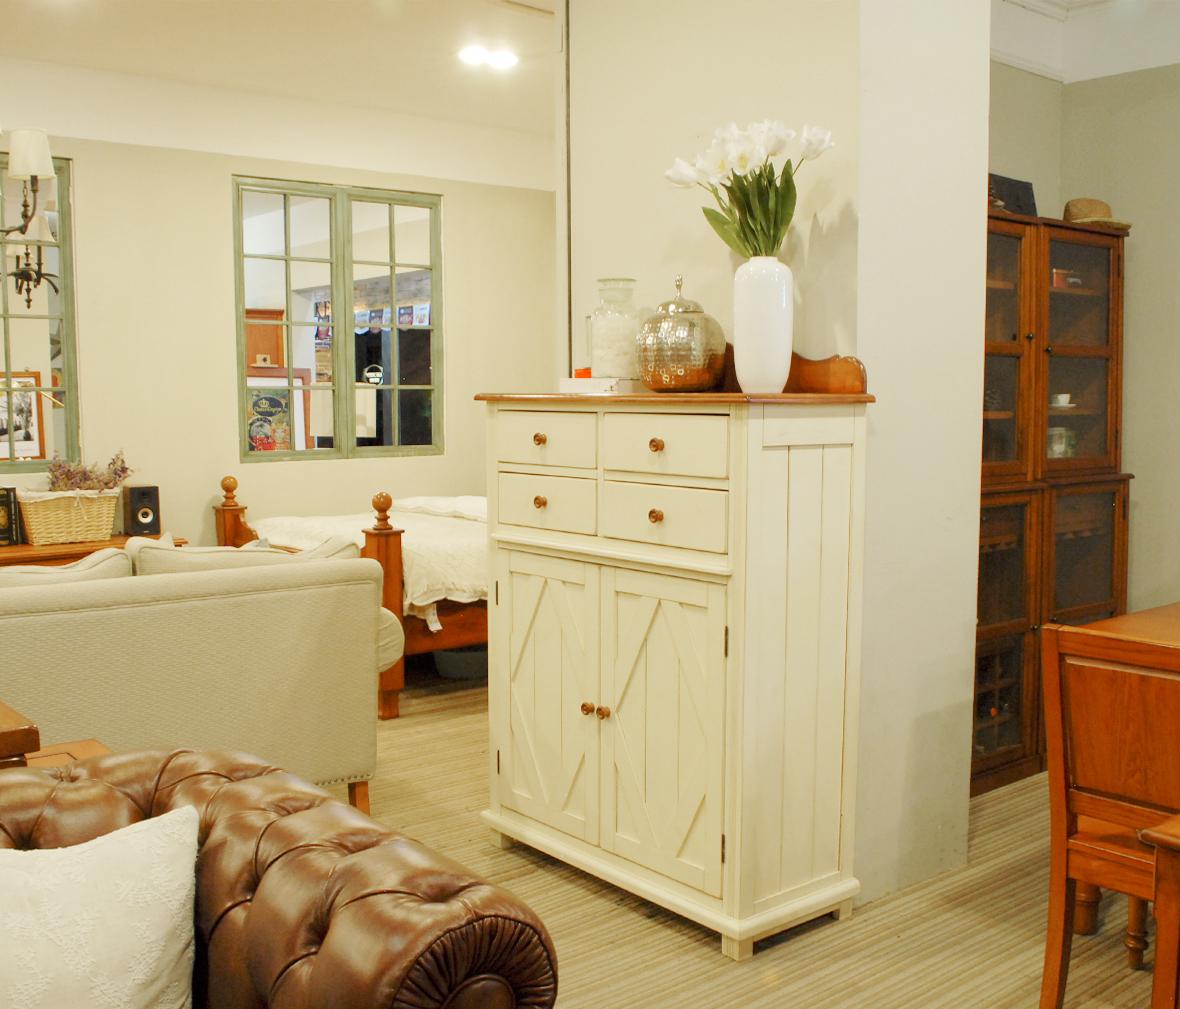 现代中式家具 胡桃木材质